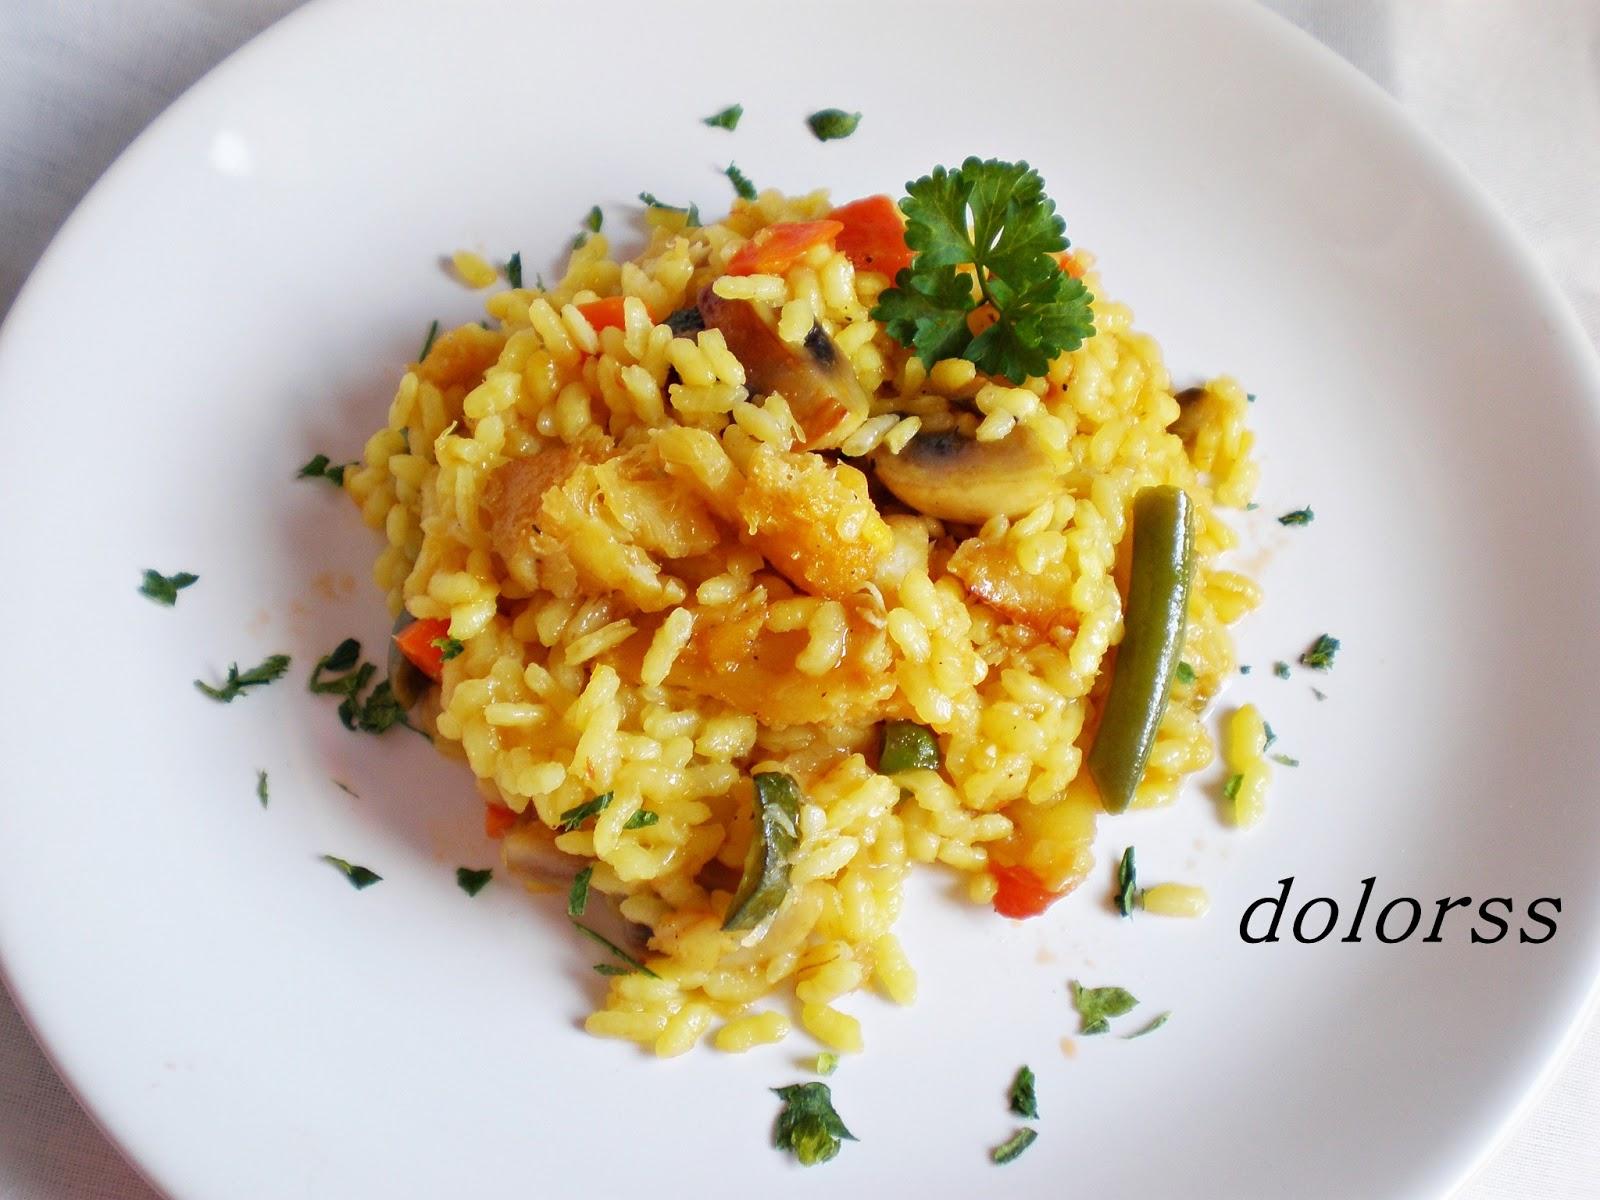 Blog de cuina de la dolorss arroz con bacalao y verduras - Arroz con bacalao desmigado ...